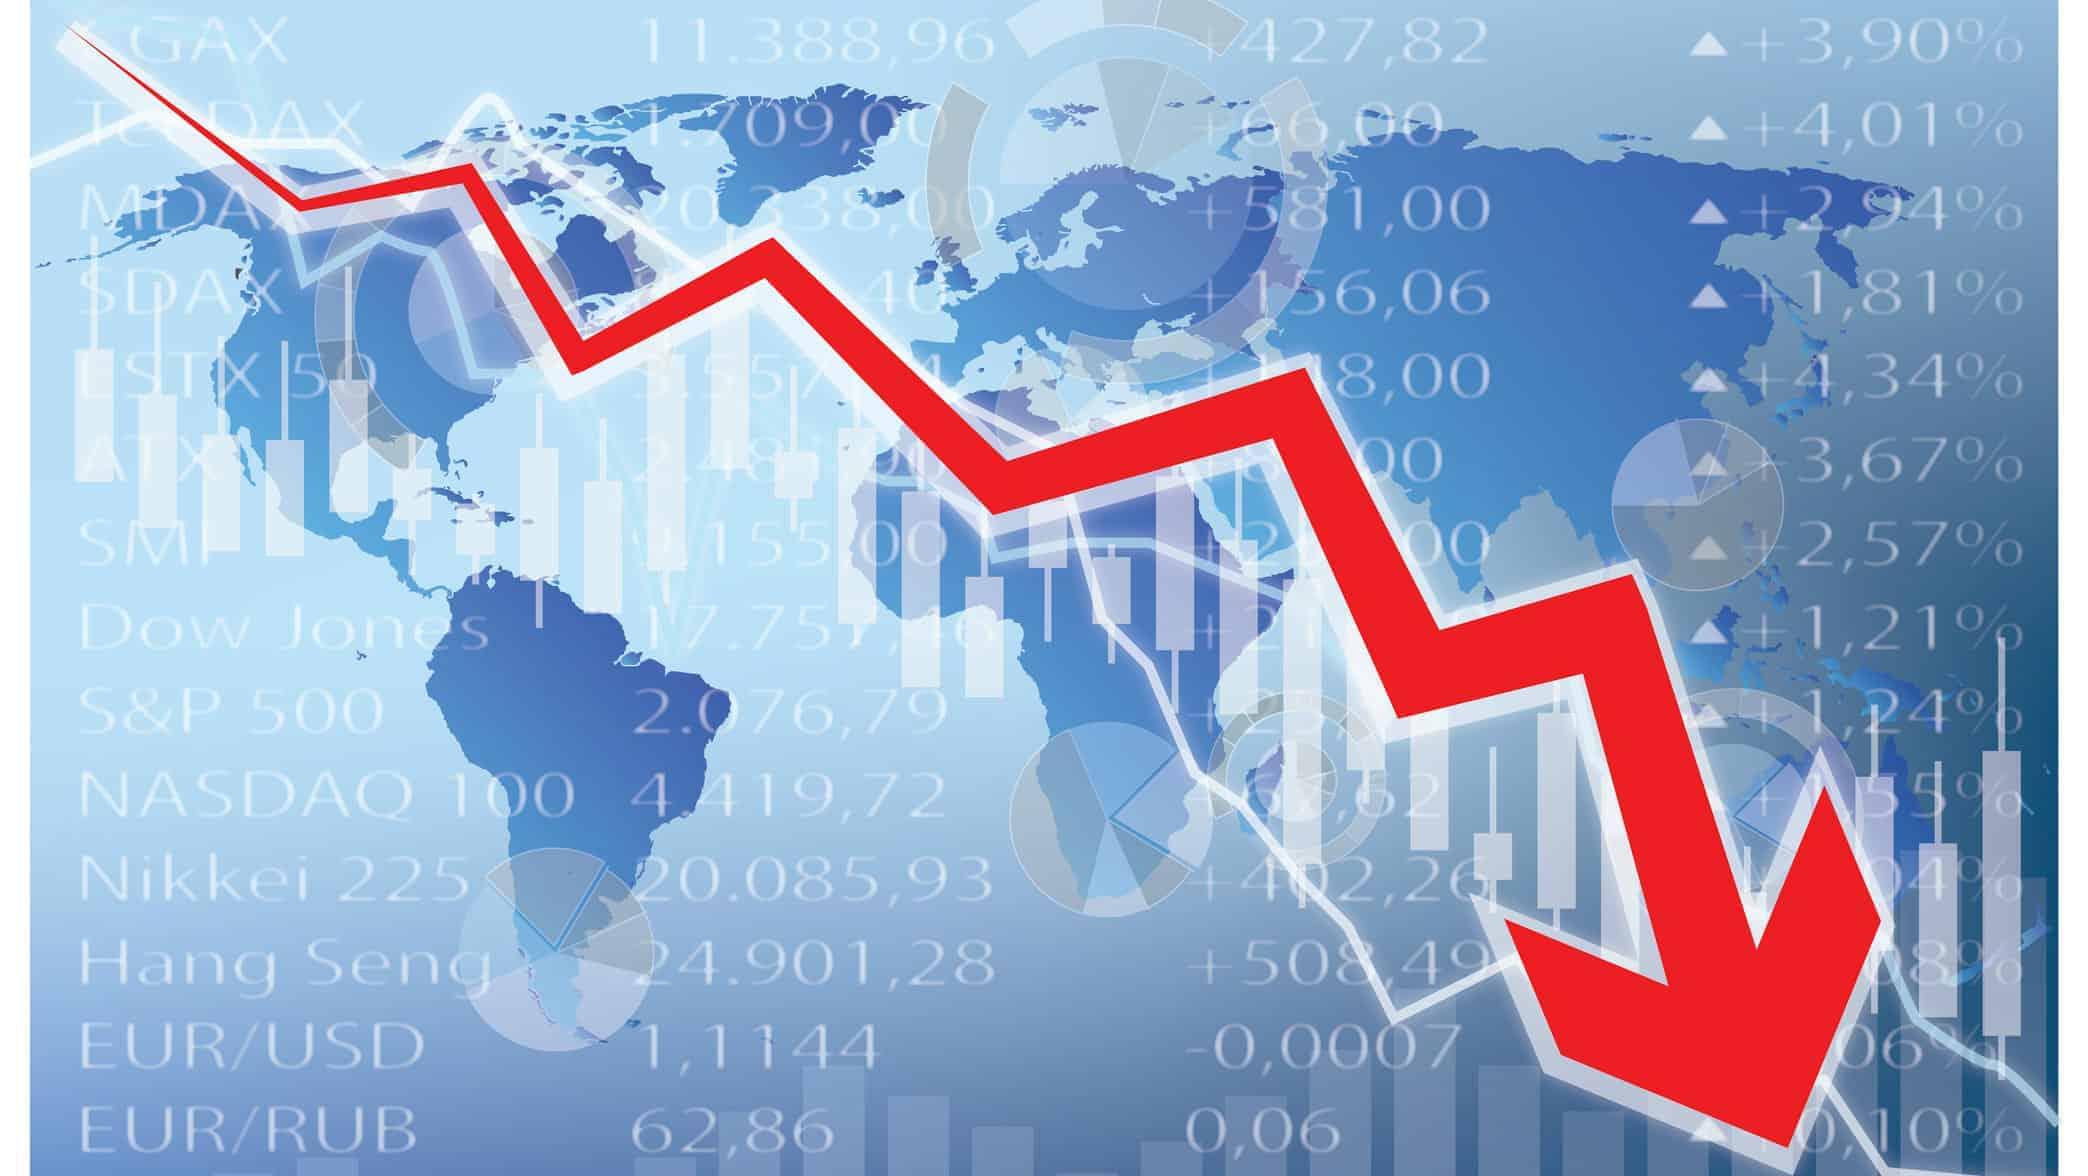 downward arrow illustrating global share market crash